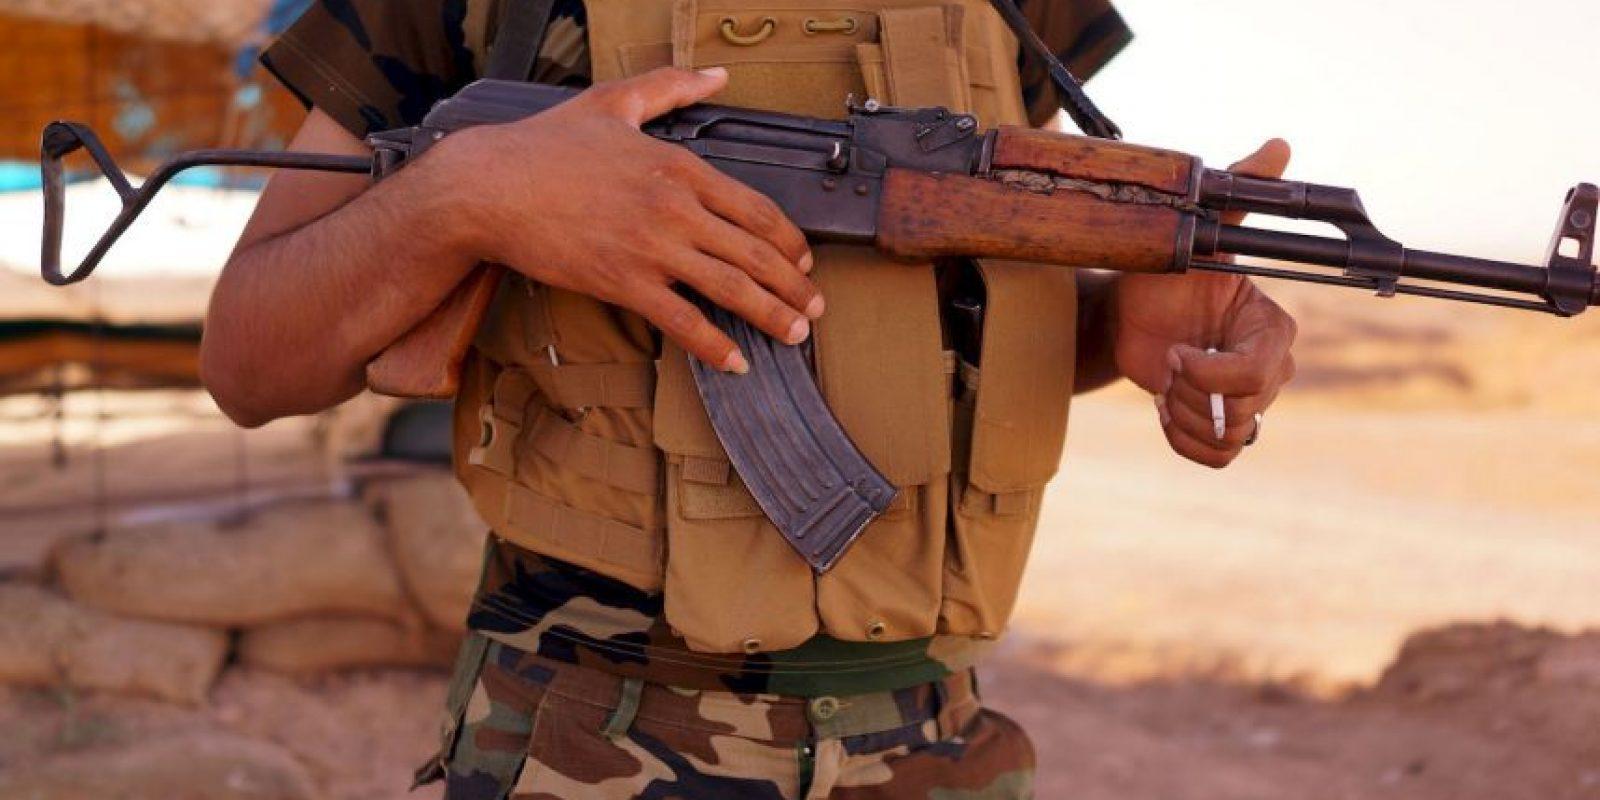 6. Se estima que el grupo terrorista recauda 730 millones de dólares al año, reseñó Bloomberg. Foto:Getty Images